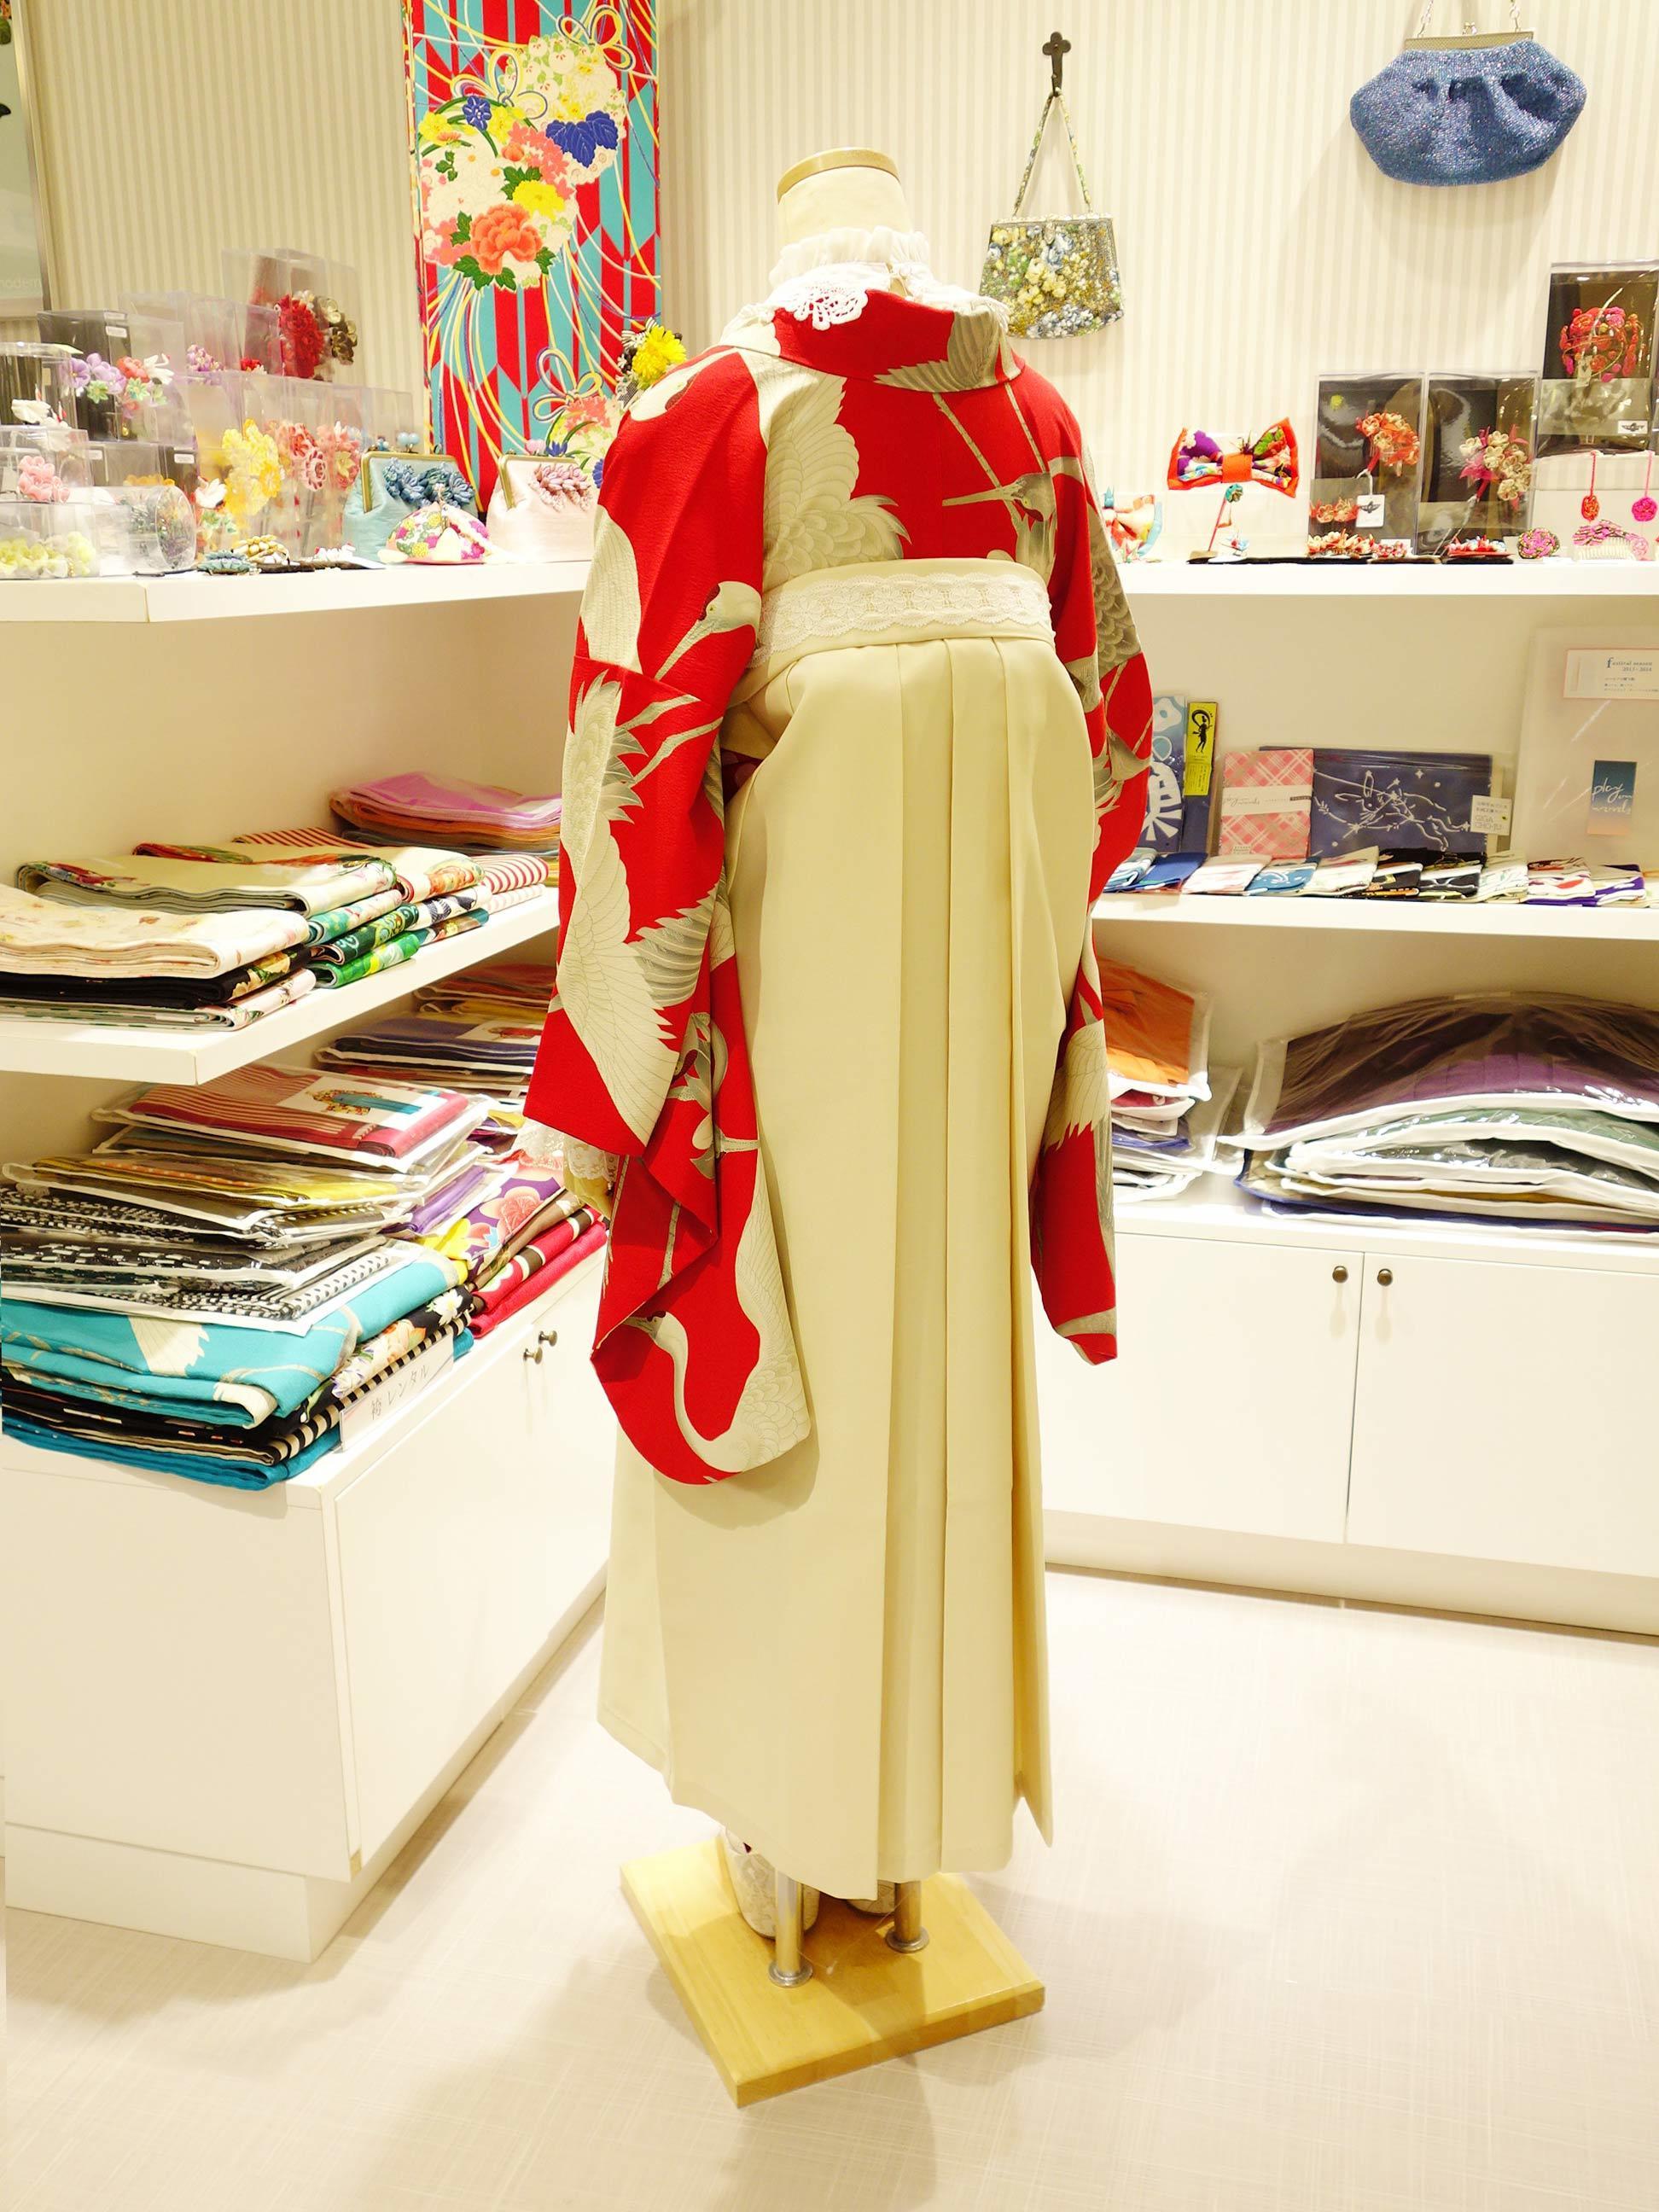 鶴赤2尺着物の袴コーデ紹介_e0167832_15530468.jpg